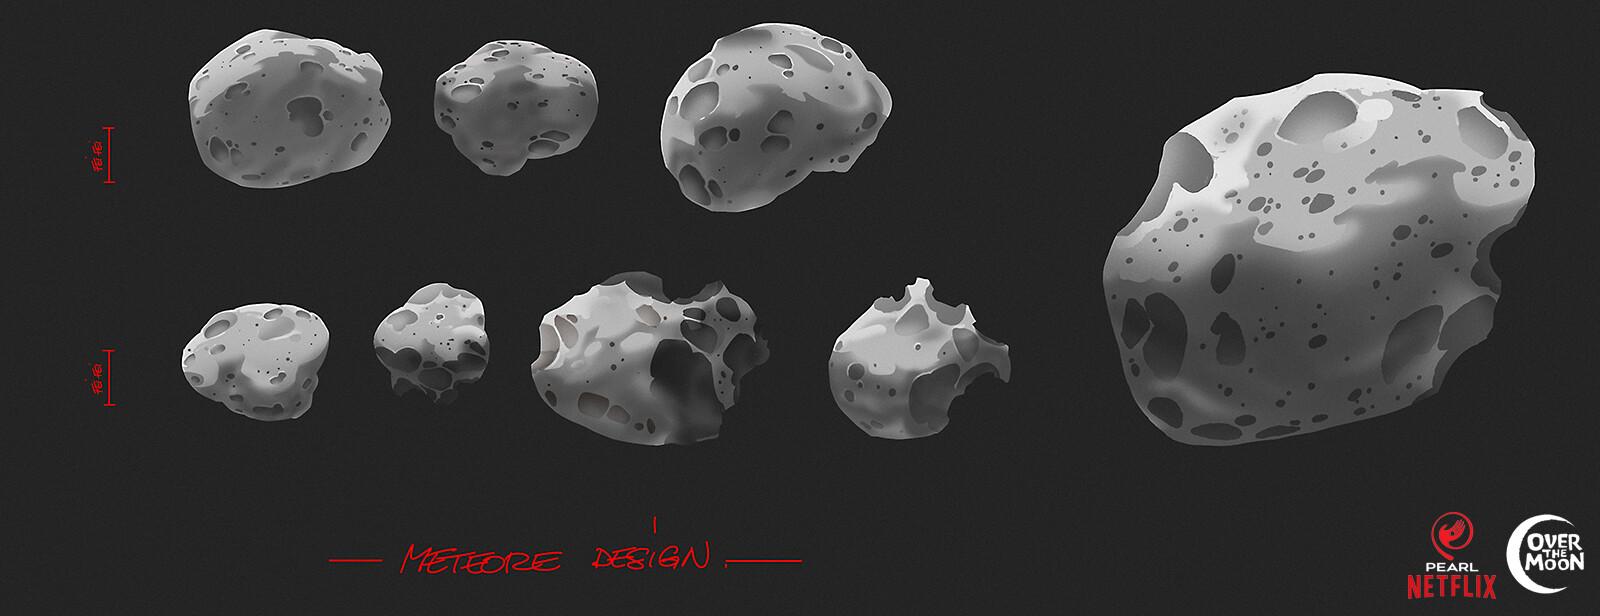 Moon - meteors design